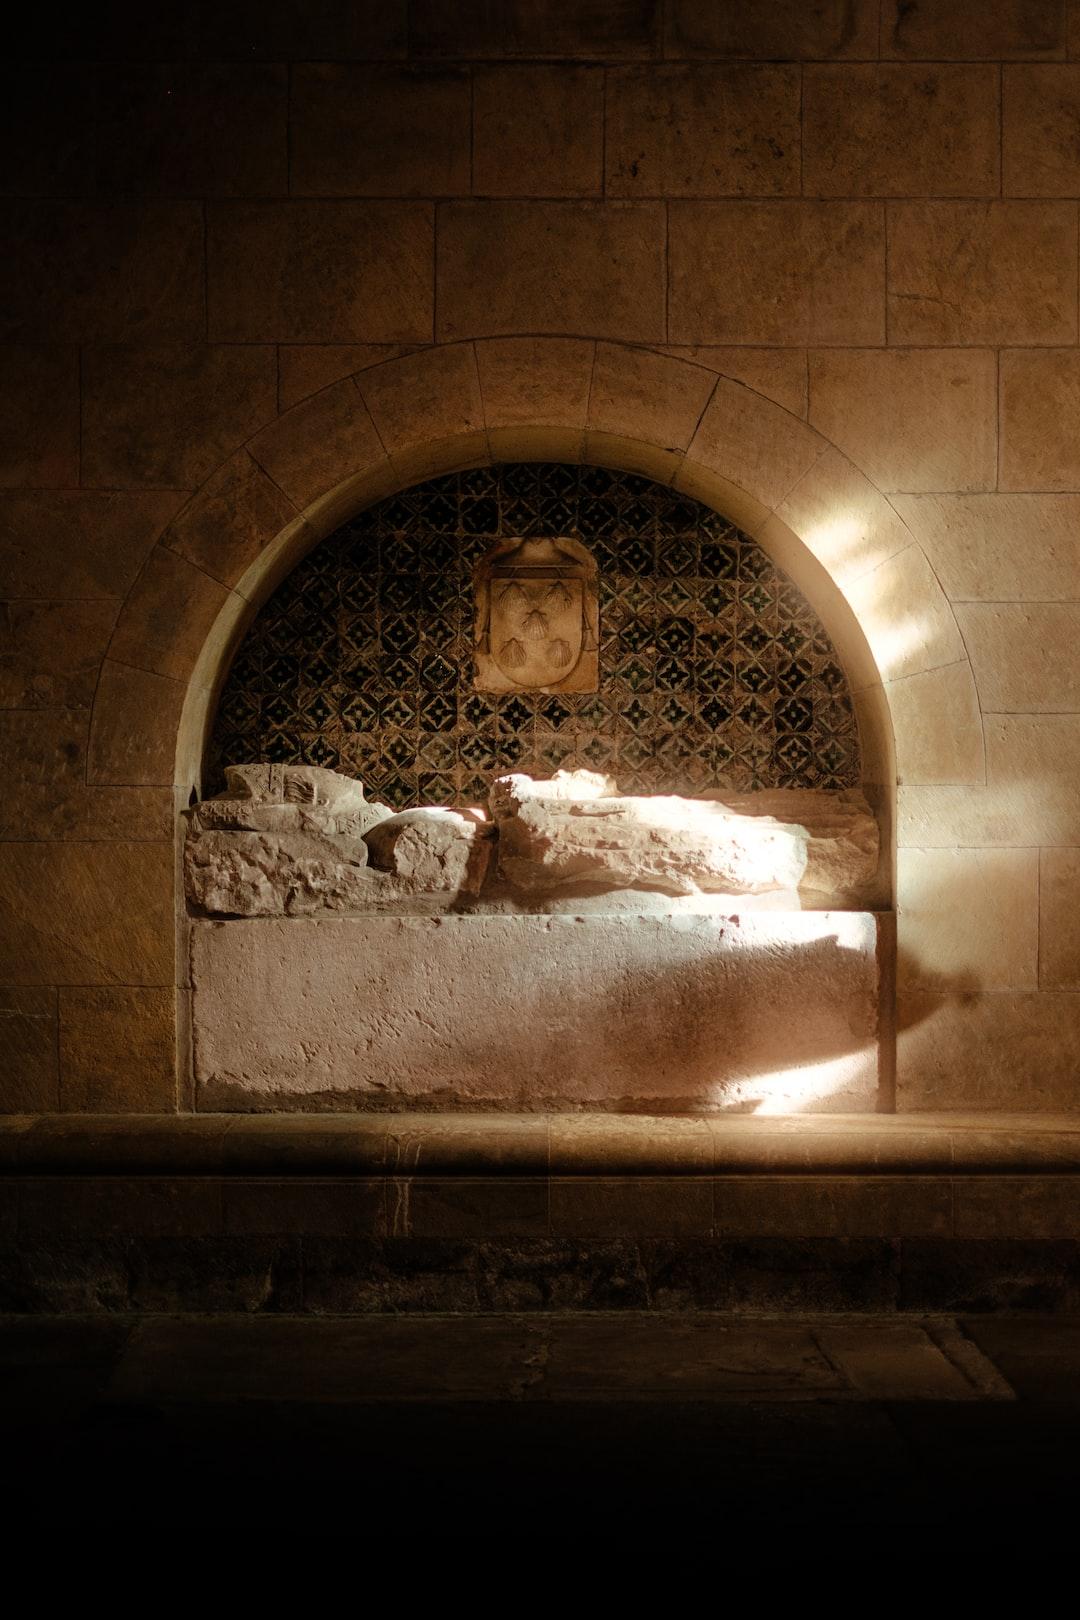 Wou Jesus Lazarus dood gehad het?